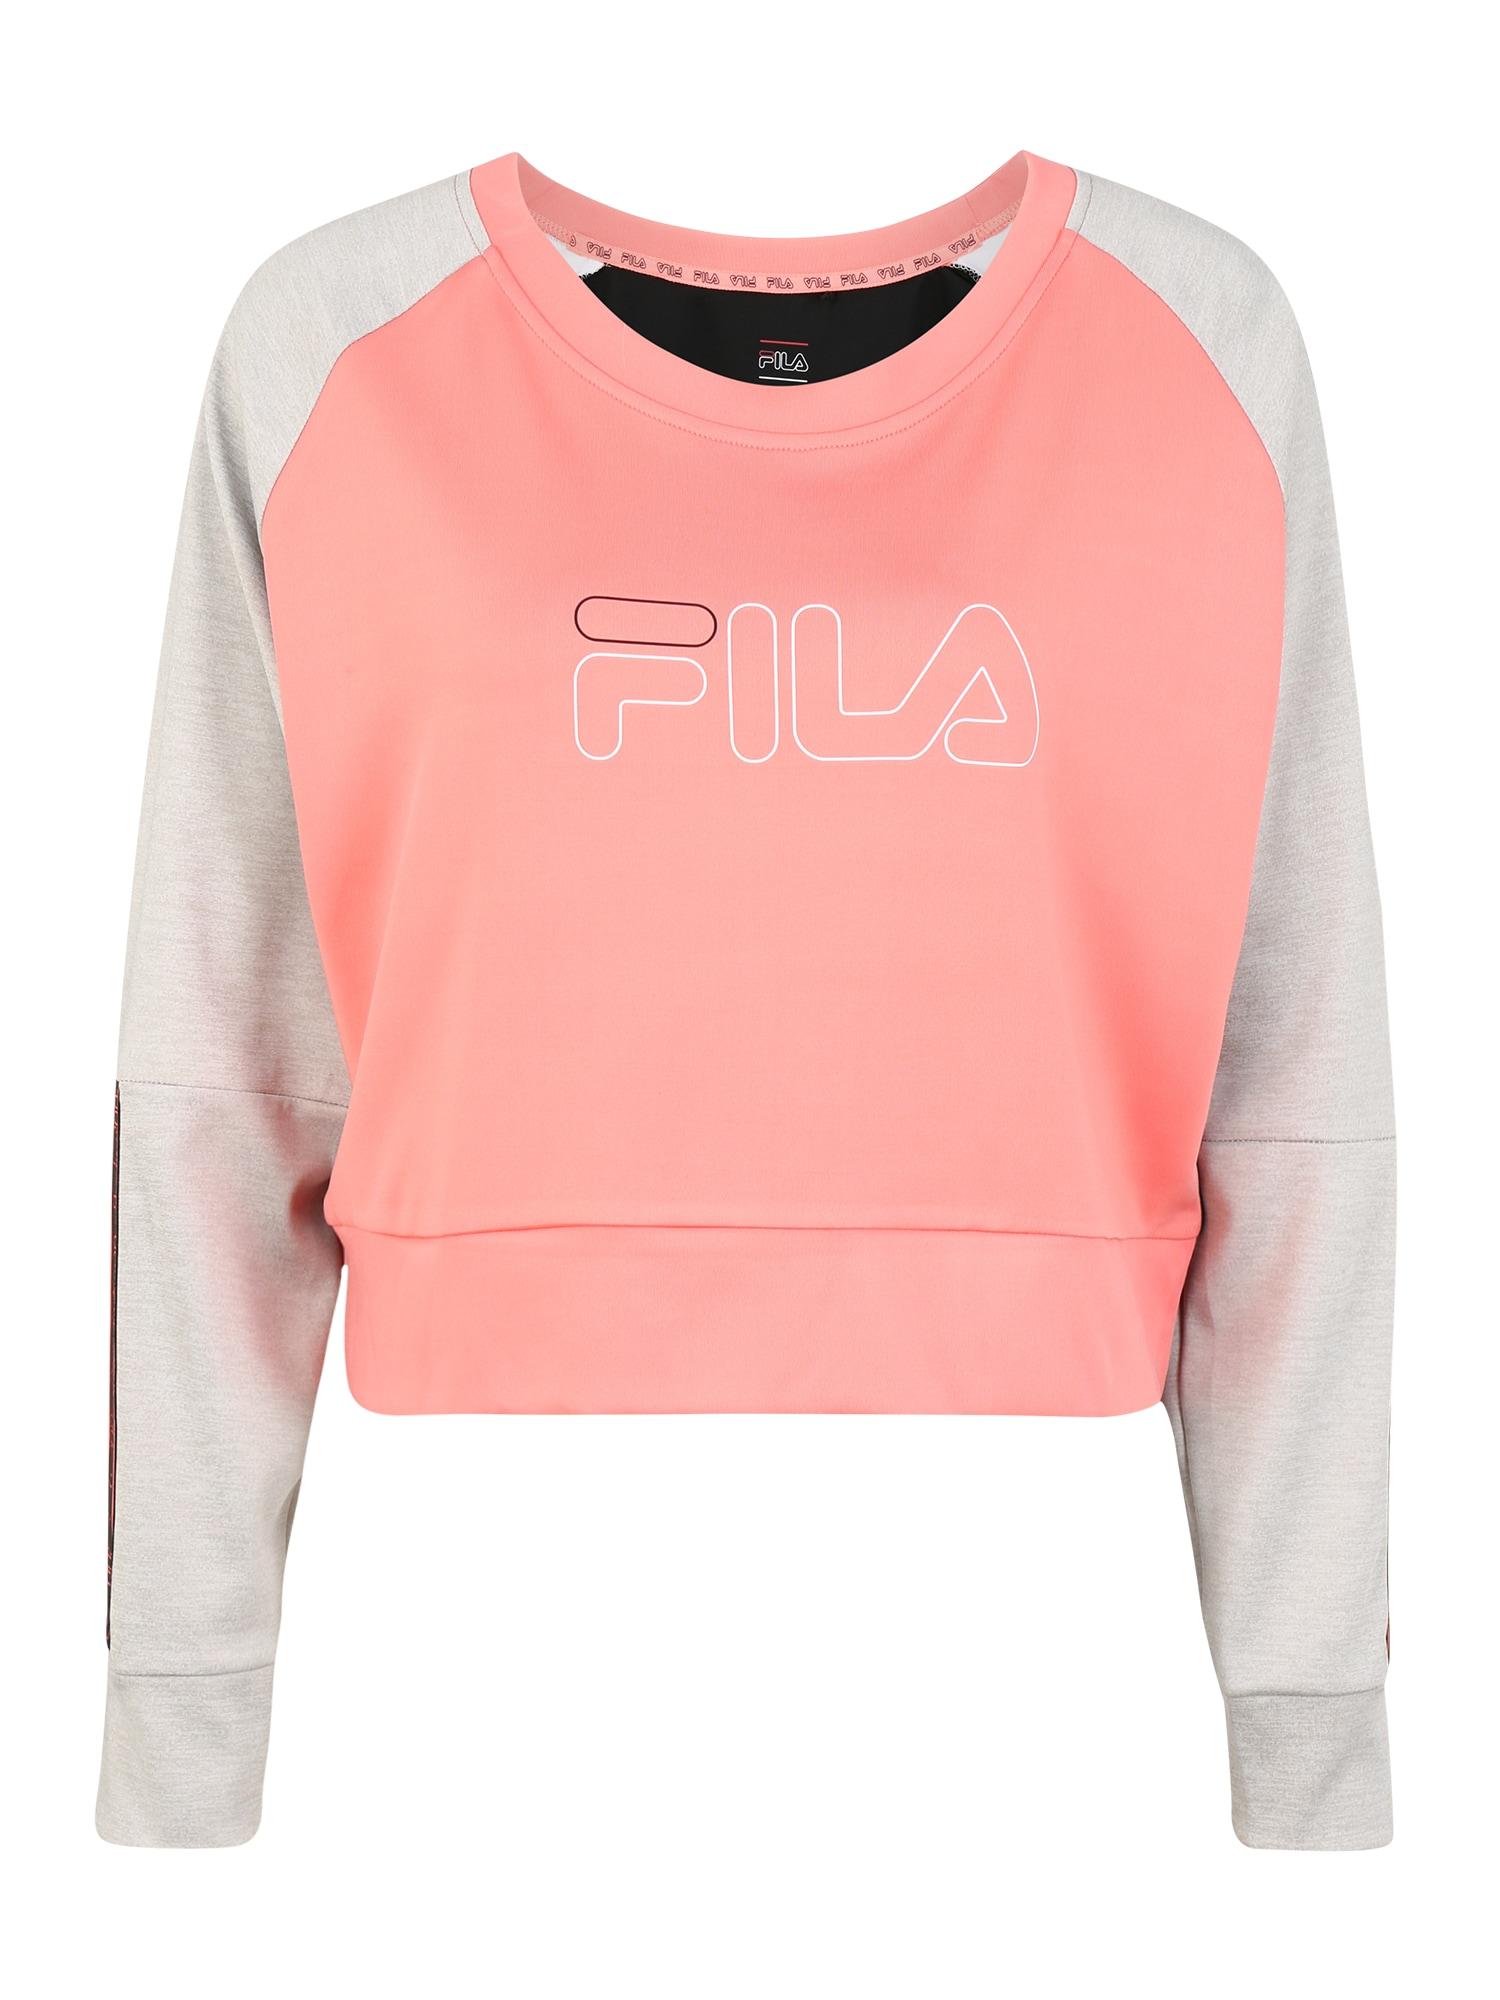 FILA Sportinio tipo megztinis 'AHUVA' pilka / balta / rožinė